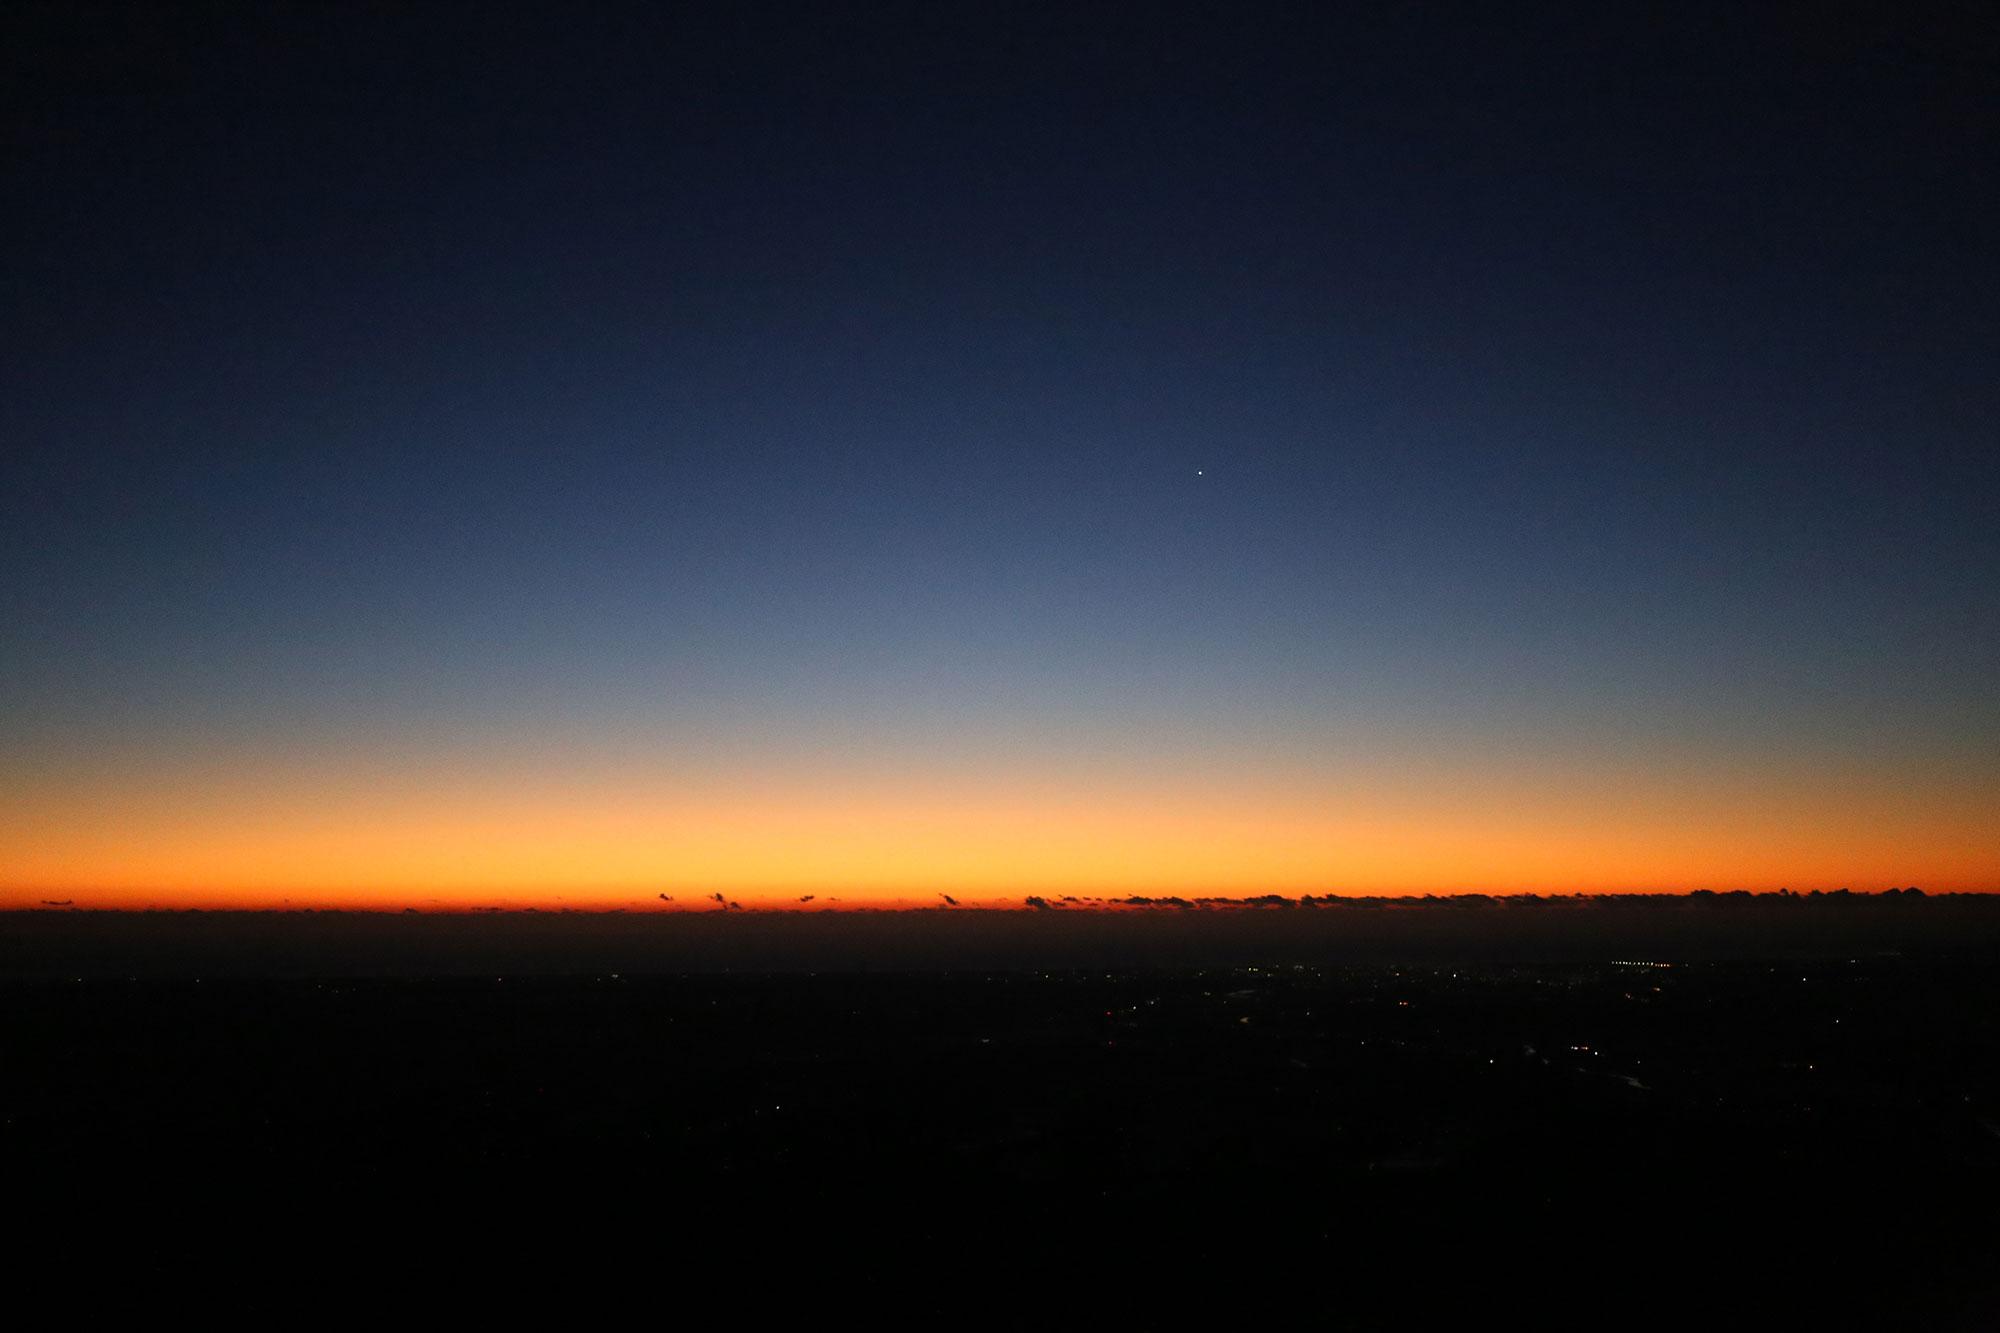 朝の日の出前の時間